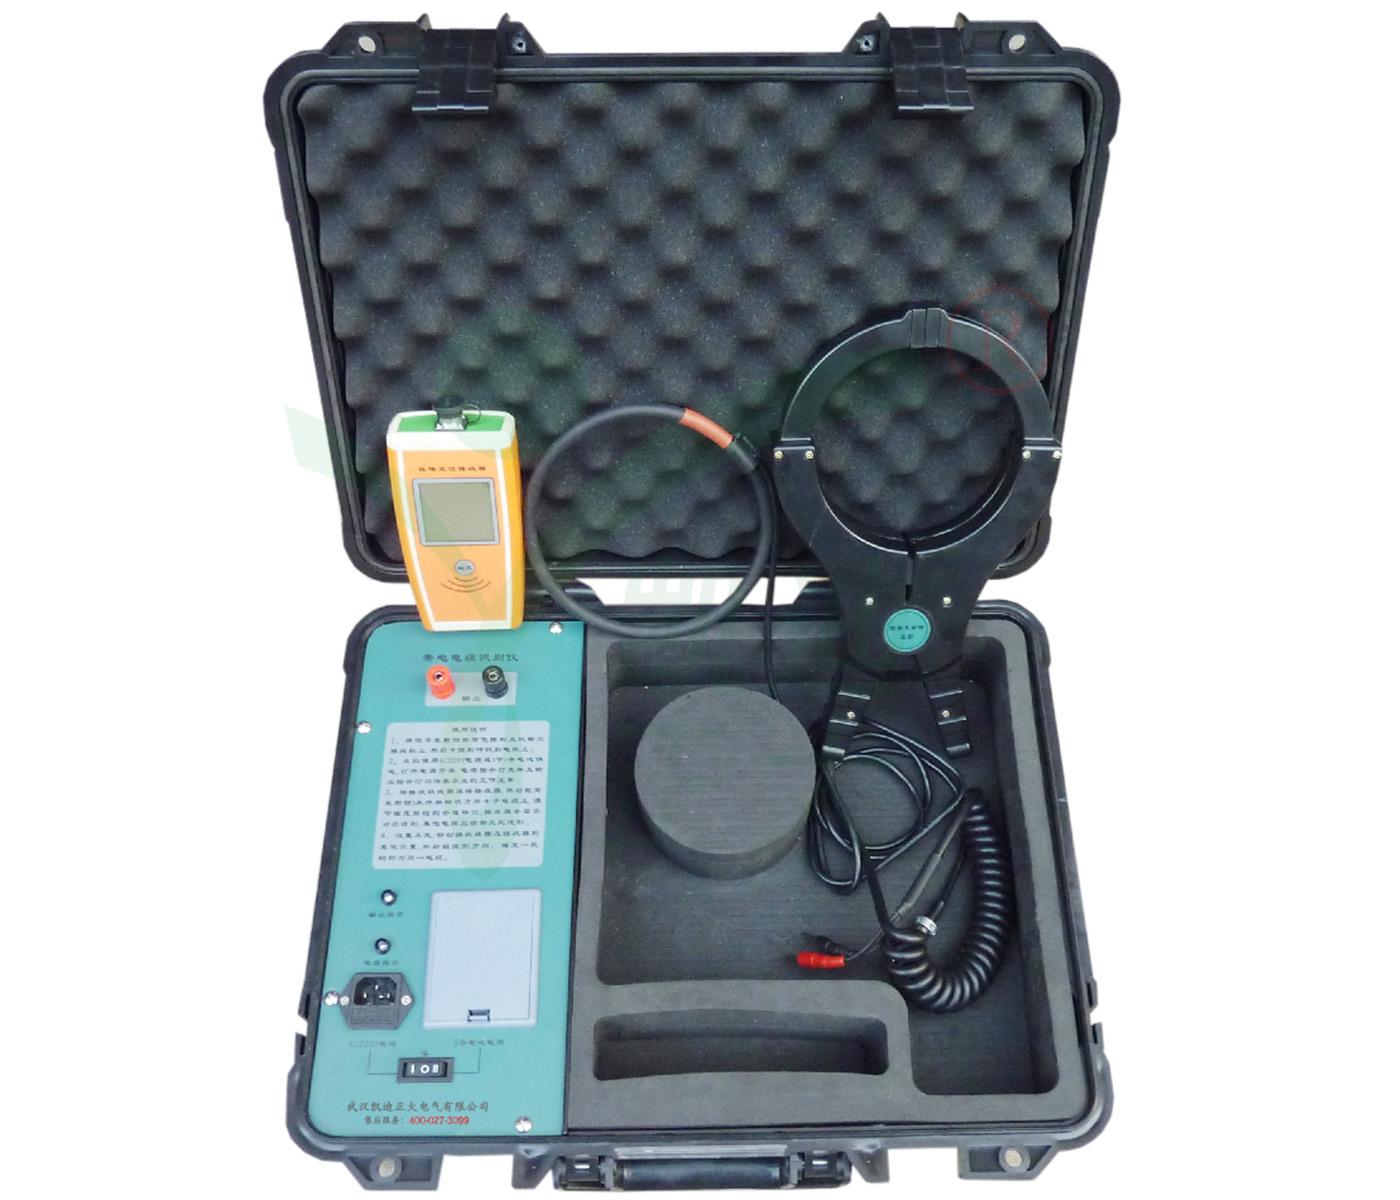 KD-214B 电缆识别仪(带电电缆识别)